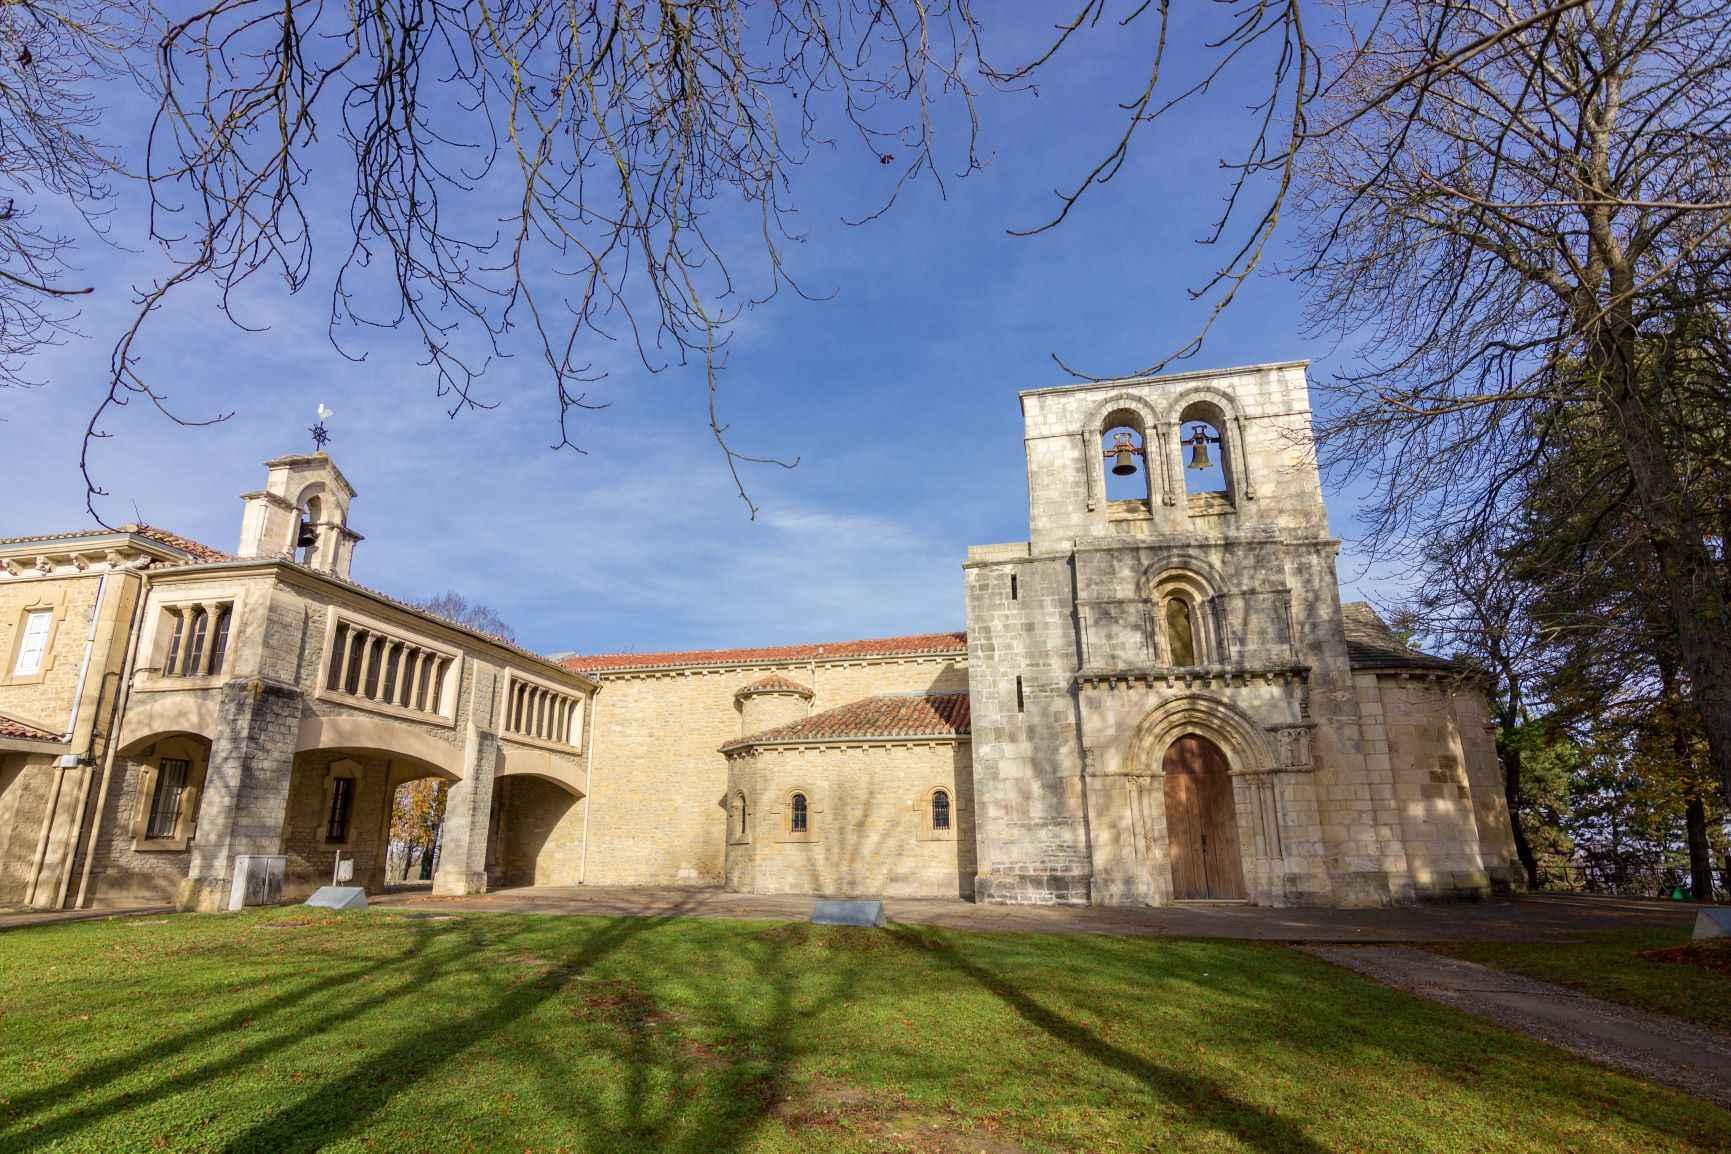 Monasterio de Nuestra Señora de Estíbaliz, en Alava, en el Camino Vasco del Interior. .